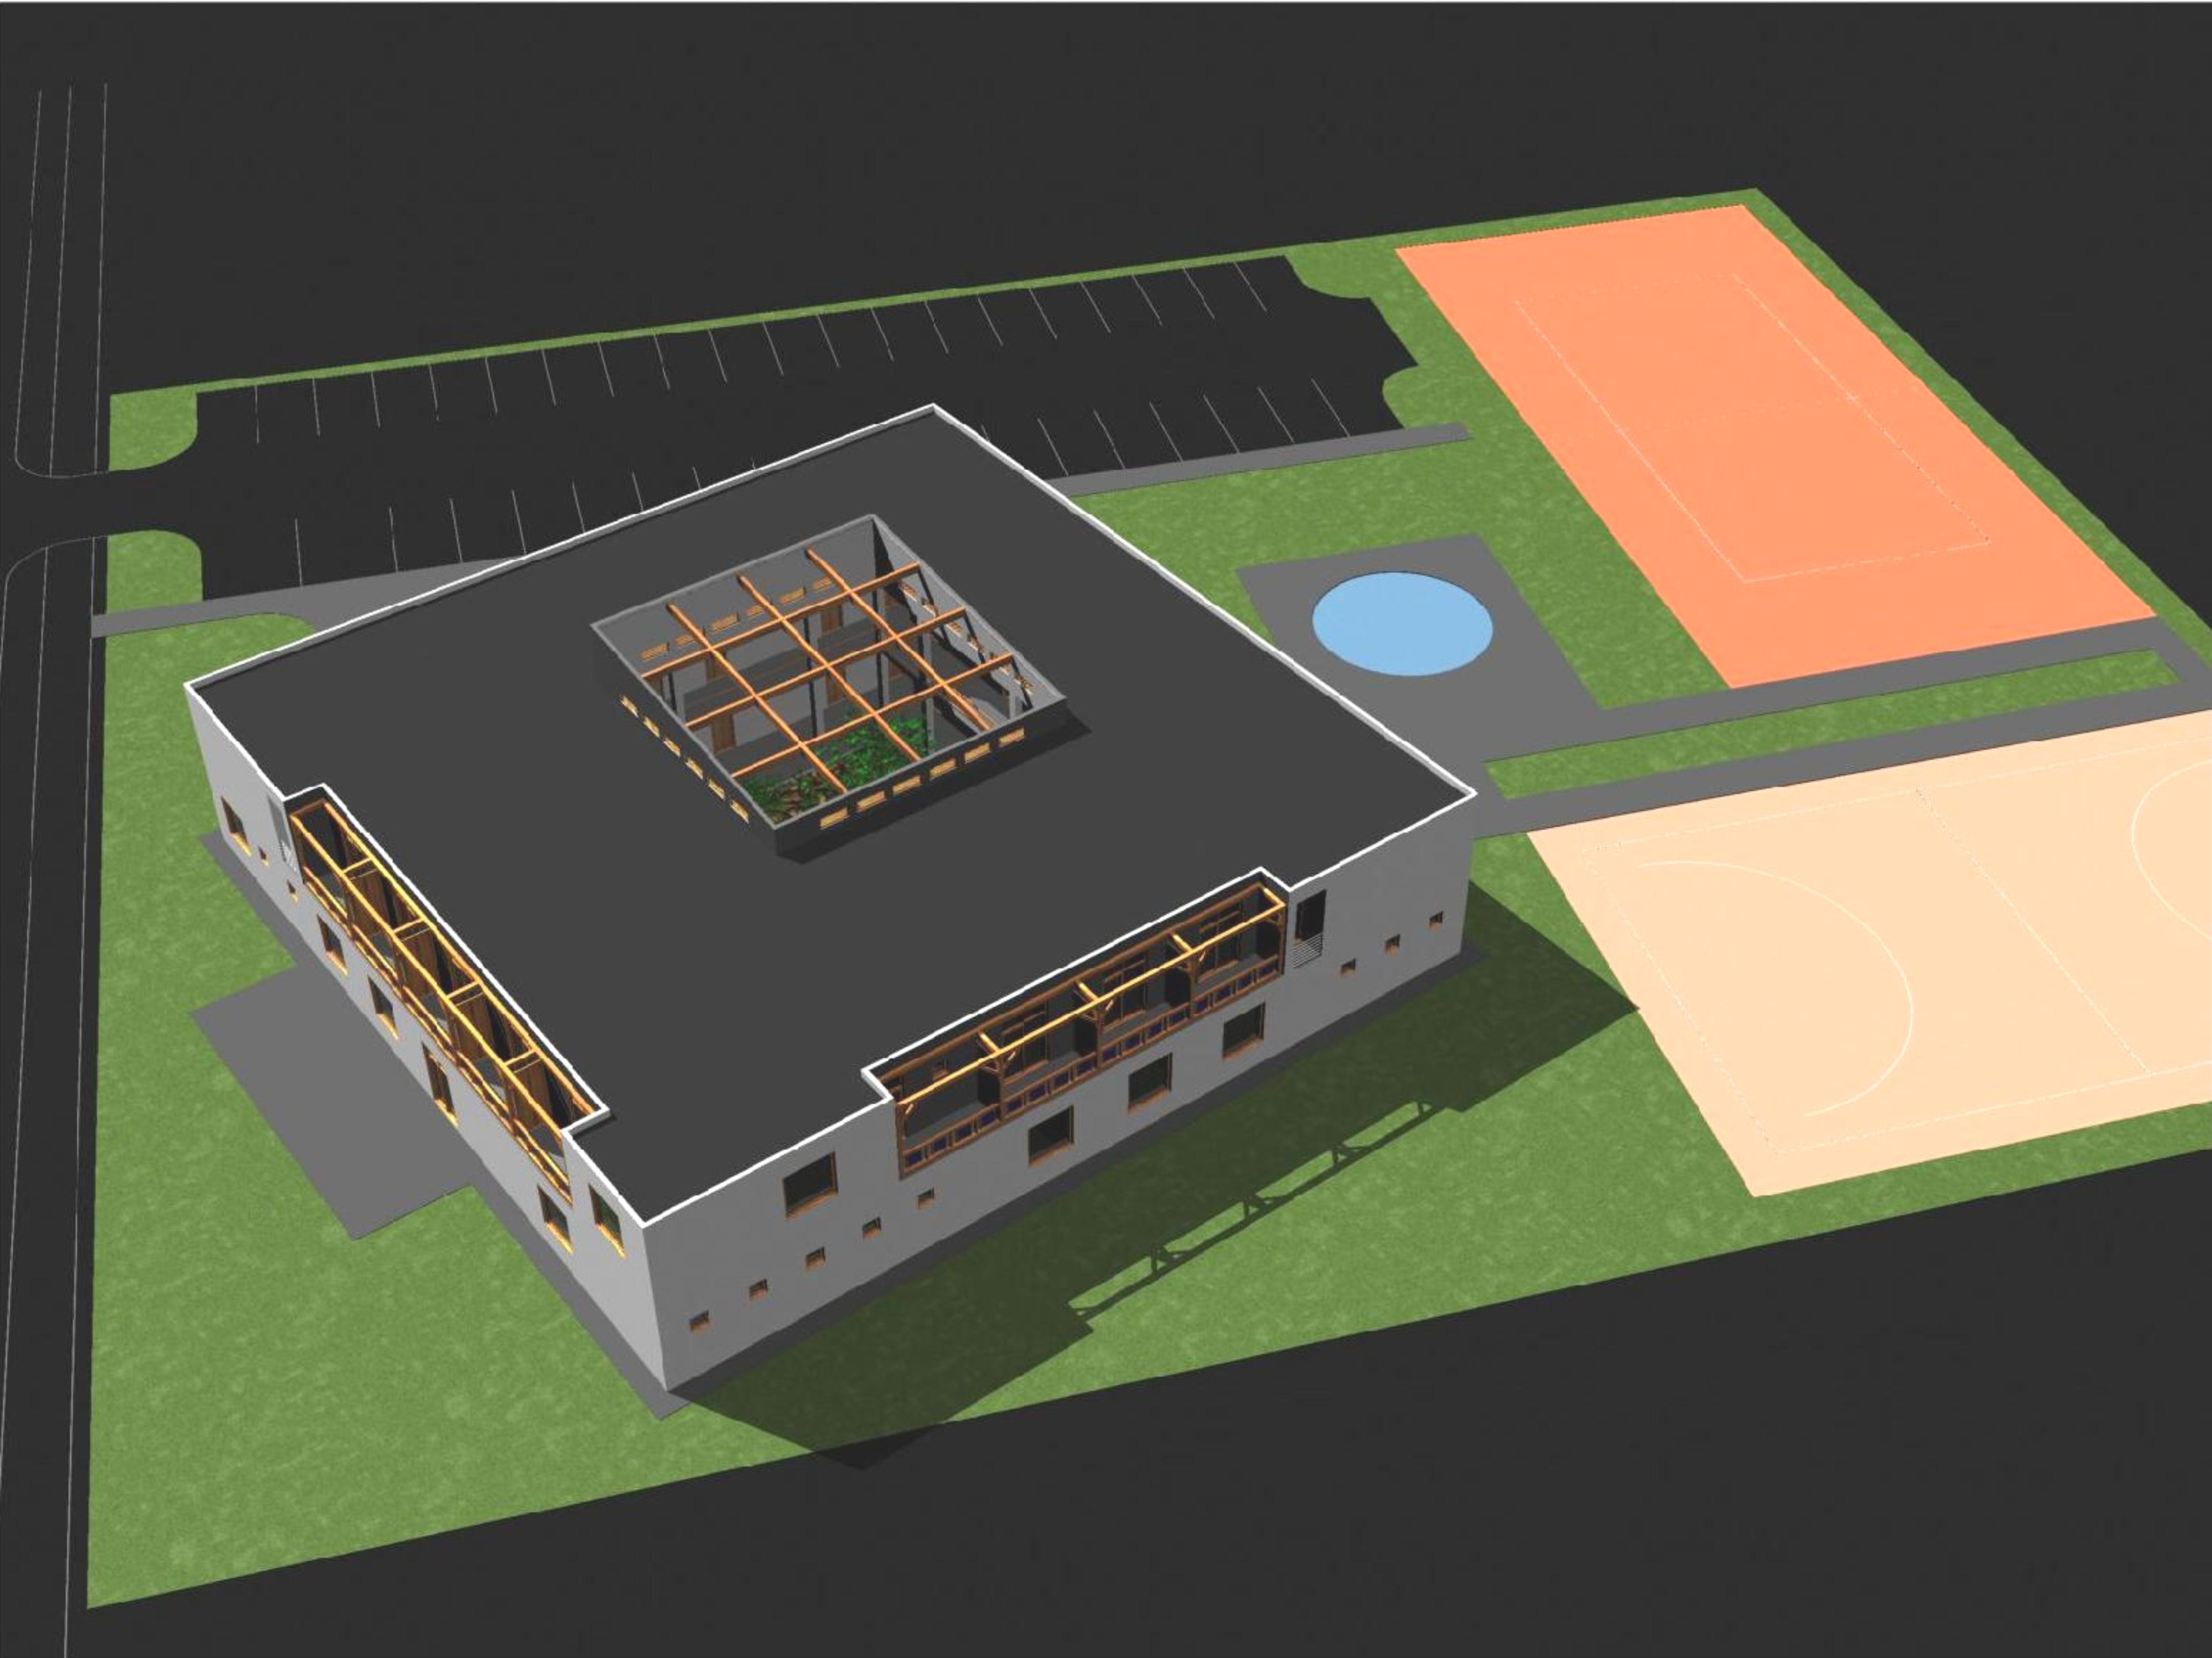 Štúdia stavby penziónu Square 03